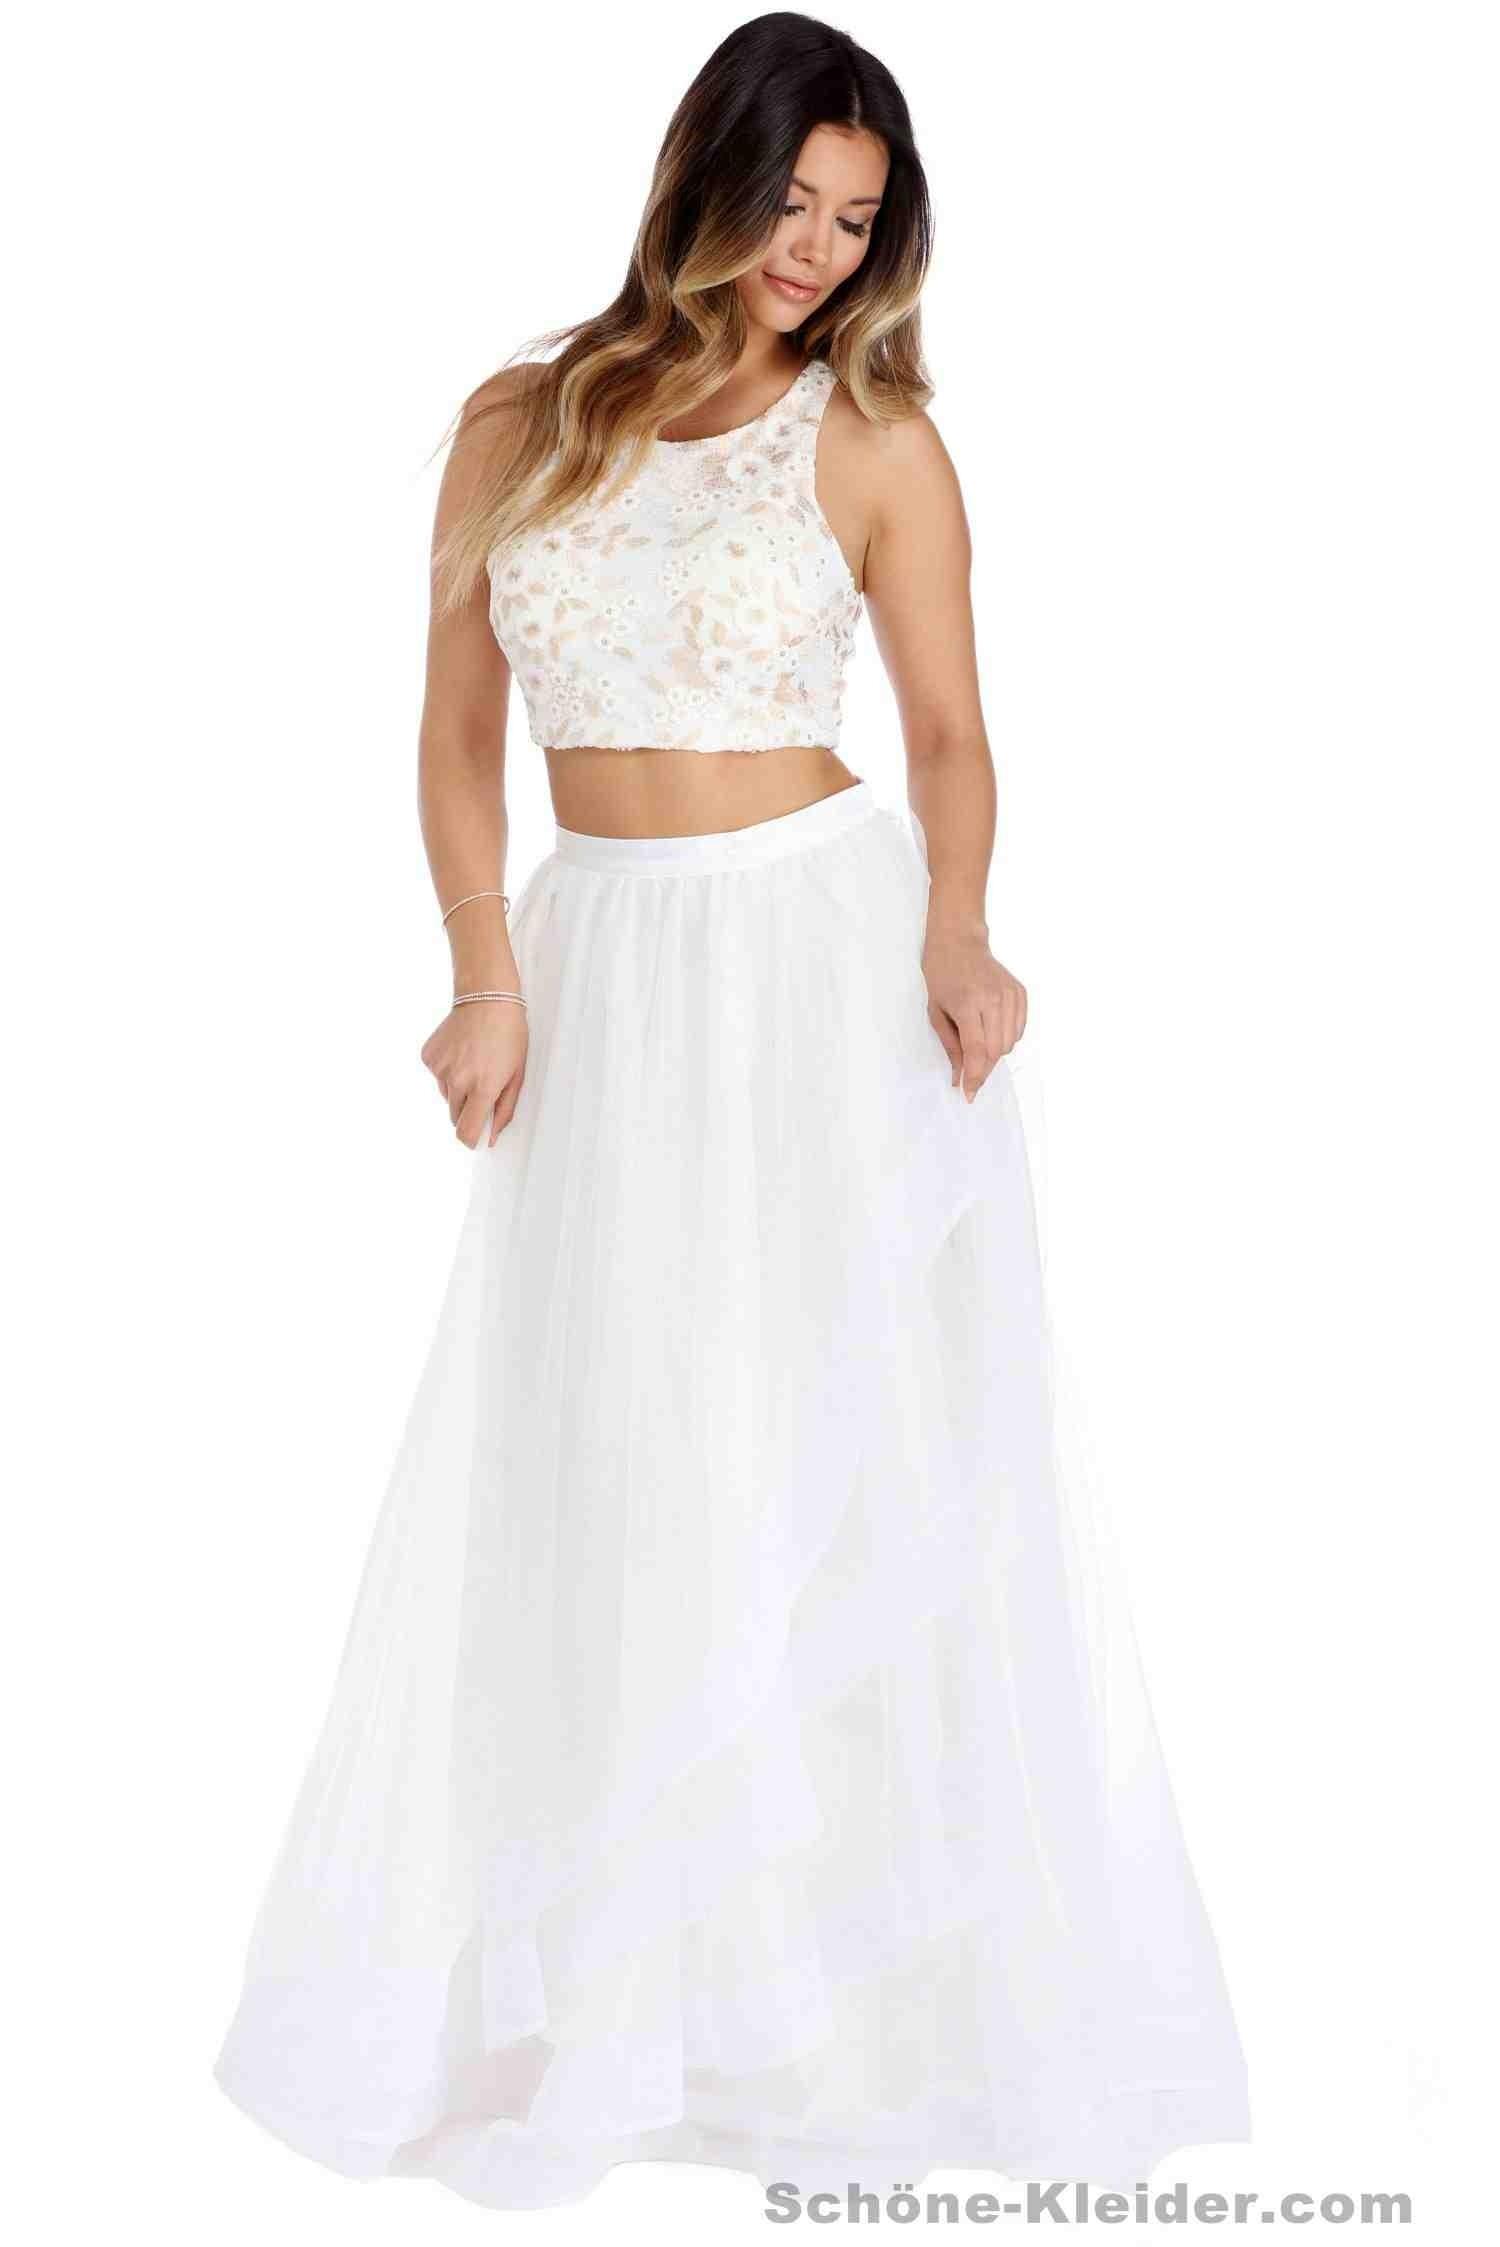 13 Elegant Wunderschöne Kleider BoutiqueDesigner Cool Wunderschöne Kleider Stylish